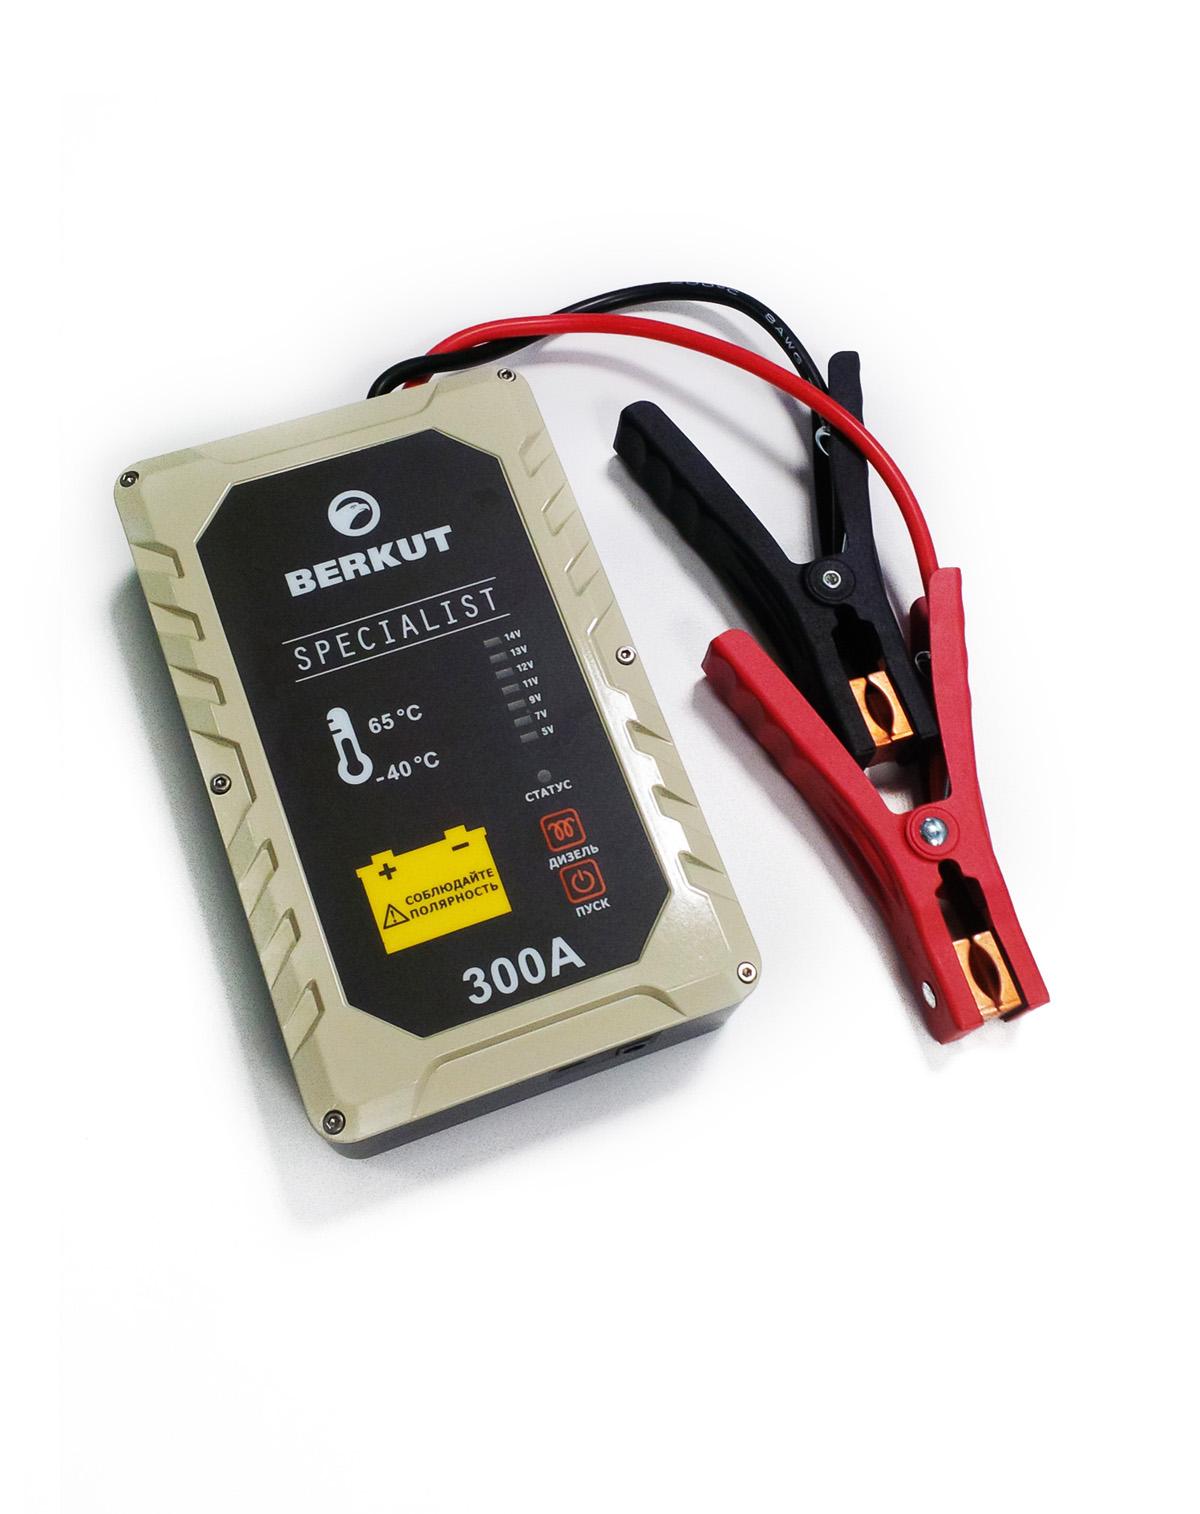 Пуско-зарядное устройство Berkut. JSC300JSC-300Это специальное пусковое автомобильное устройство конденсаторного типа предназначено для аварийного запуска двигателя транспортного средства в случае неисправной АКБ. Главным достоинством устройства, отличающим его от прочих аналогов, является отсутствие аккумуляторов. Вместо них применены электроконденсаторы сверхбольшой емкости (ионисторы). Применение конденсаторного накопителя заряда позволяет гарантированно запустить двигатель автомобиля как с основательно разряженной АКБ, причем даже в том случае, когда ее остаточная емкость составляет всего 5%, так и без аккумулятора с предварительной зарядкой от АКБ или розетки прикуривателя другого автомобиля, а также от зарядного устройства с разъемом микро USB. Пусковое устройство рекомендовано для любых типов транспортных средств с бензиновым двигателем до 3000 см.куб. и дизельным двигателем до 2500 см.куб и напряжением бортовой сети 12В. Технические характеристики: - Напряжение на клеммах: 12 В - Пусковой ток: 300 A - Тип конденсаторов:...